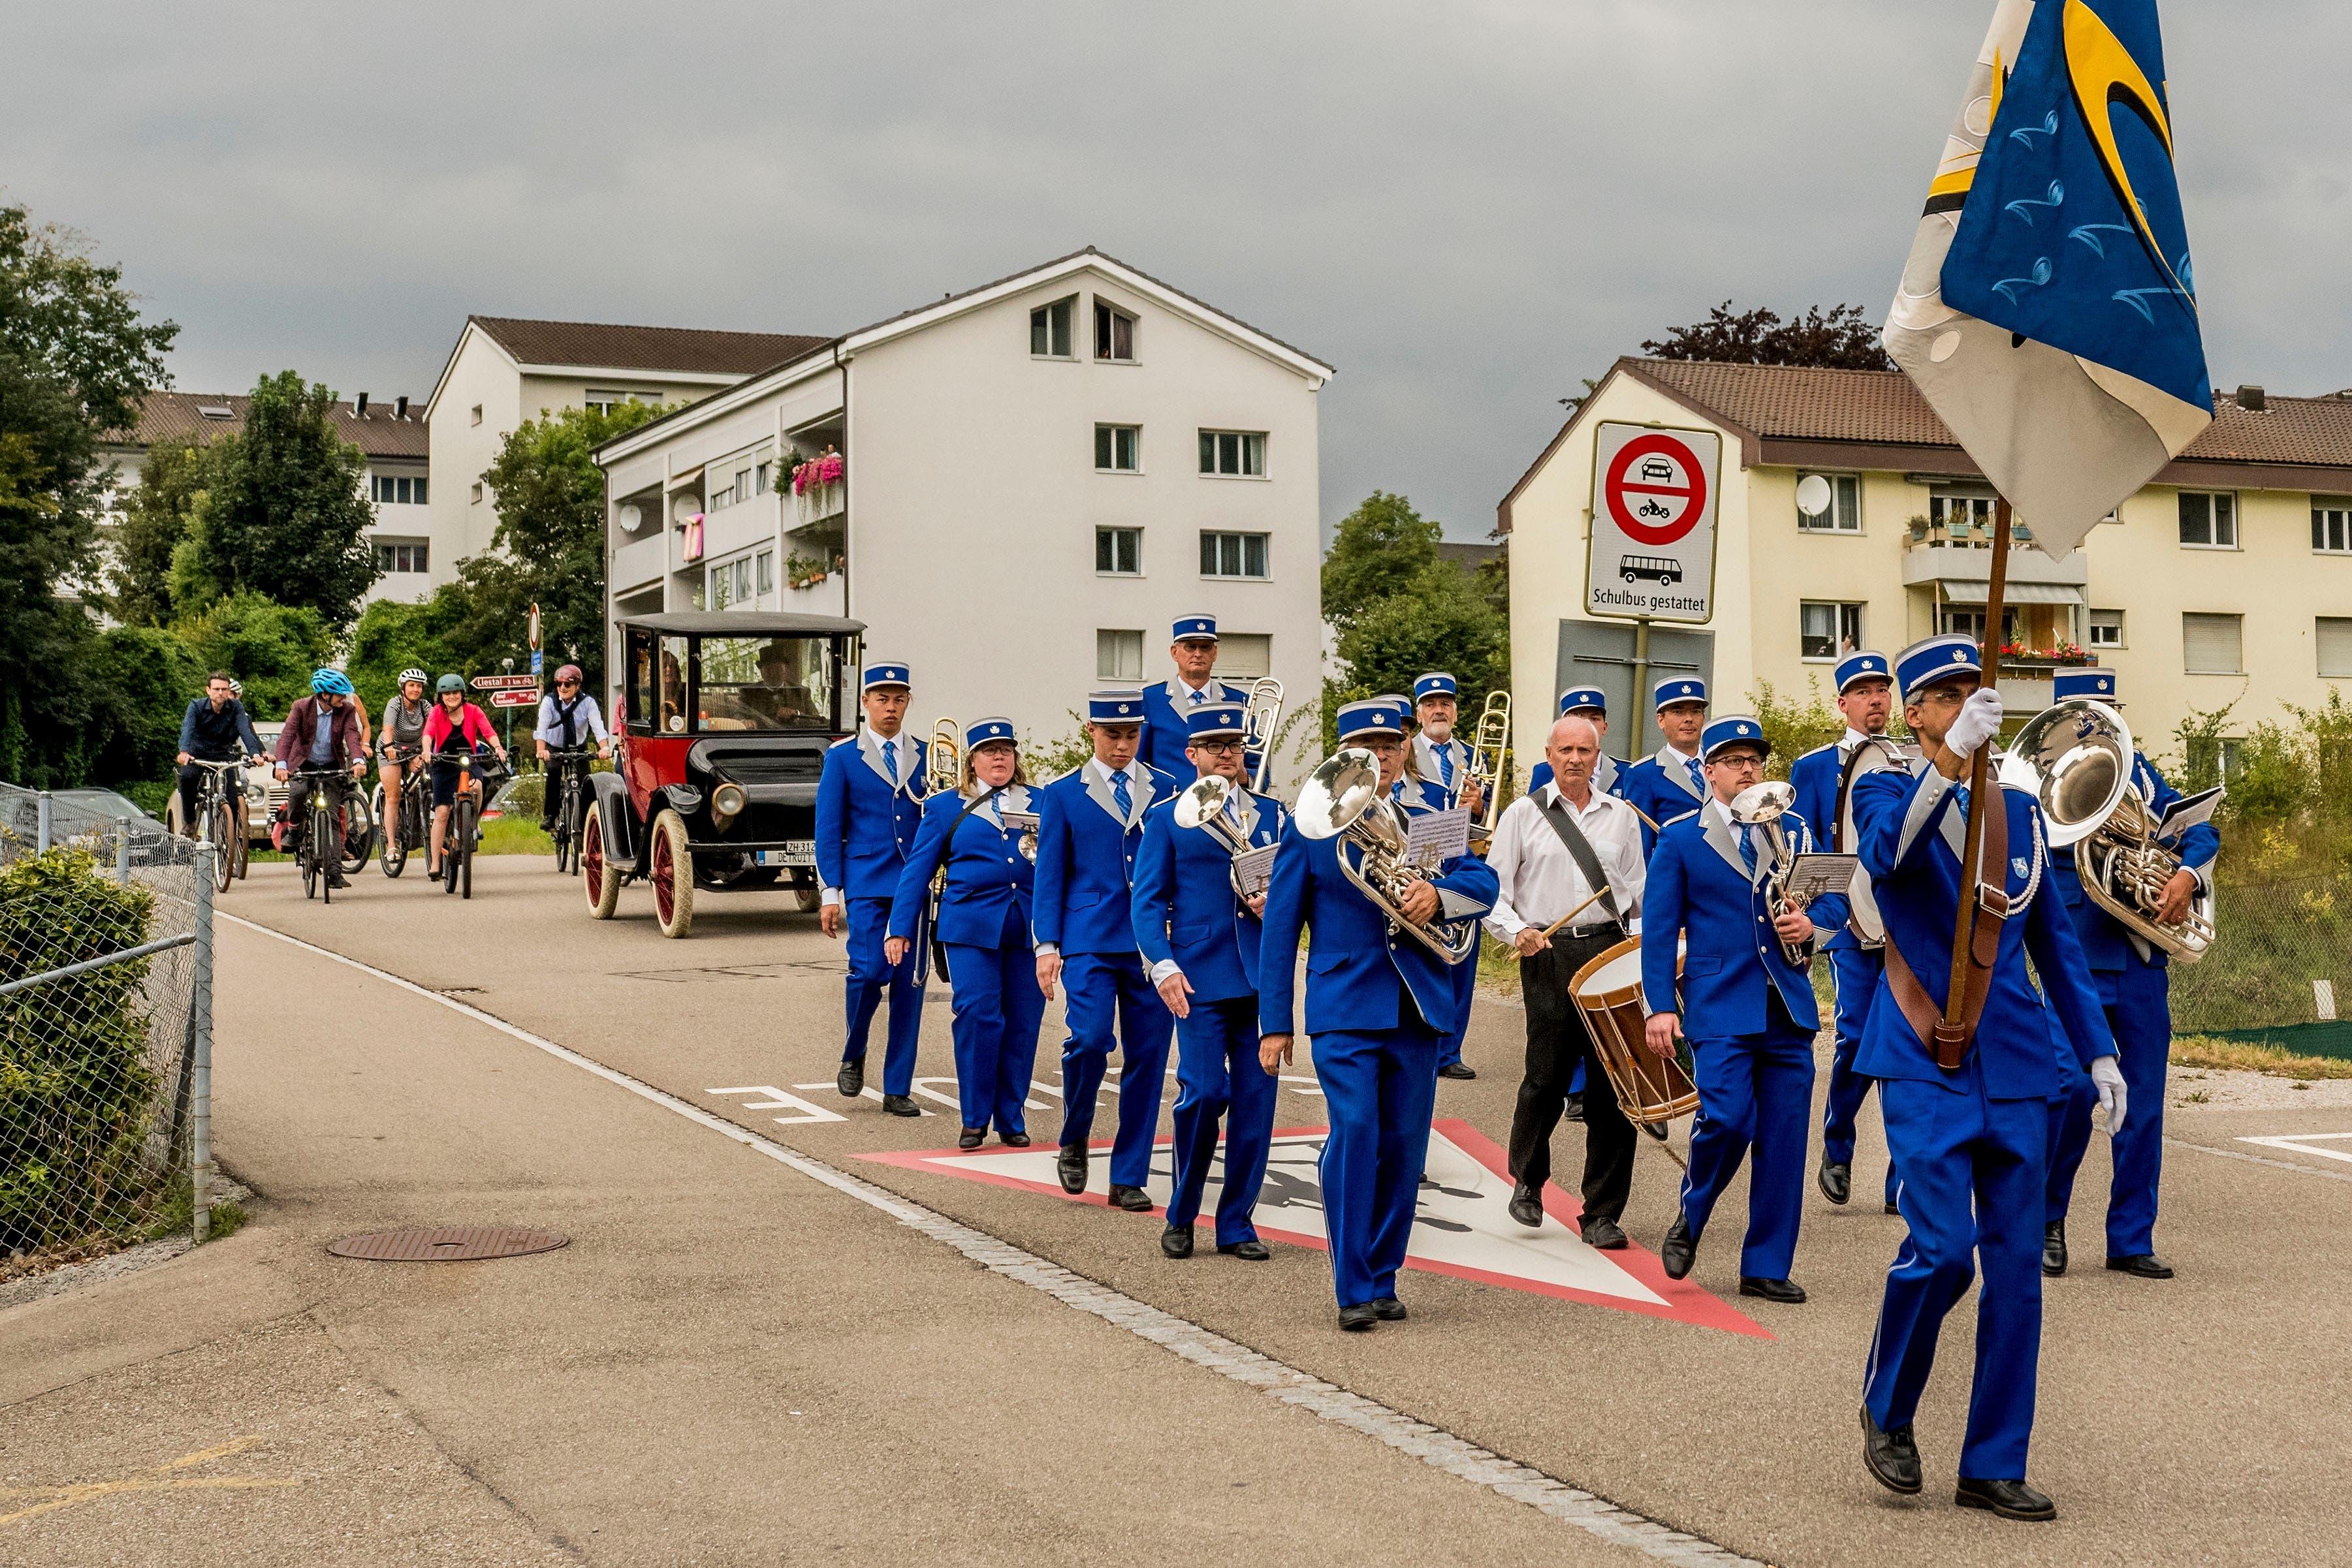 Begleitet wurde sie von einer Flotte E-Bikes, Elektroautos, ein paar normalen Oldtimern sowie der Brass Band MG Füllinsdorf.